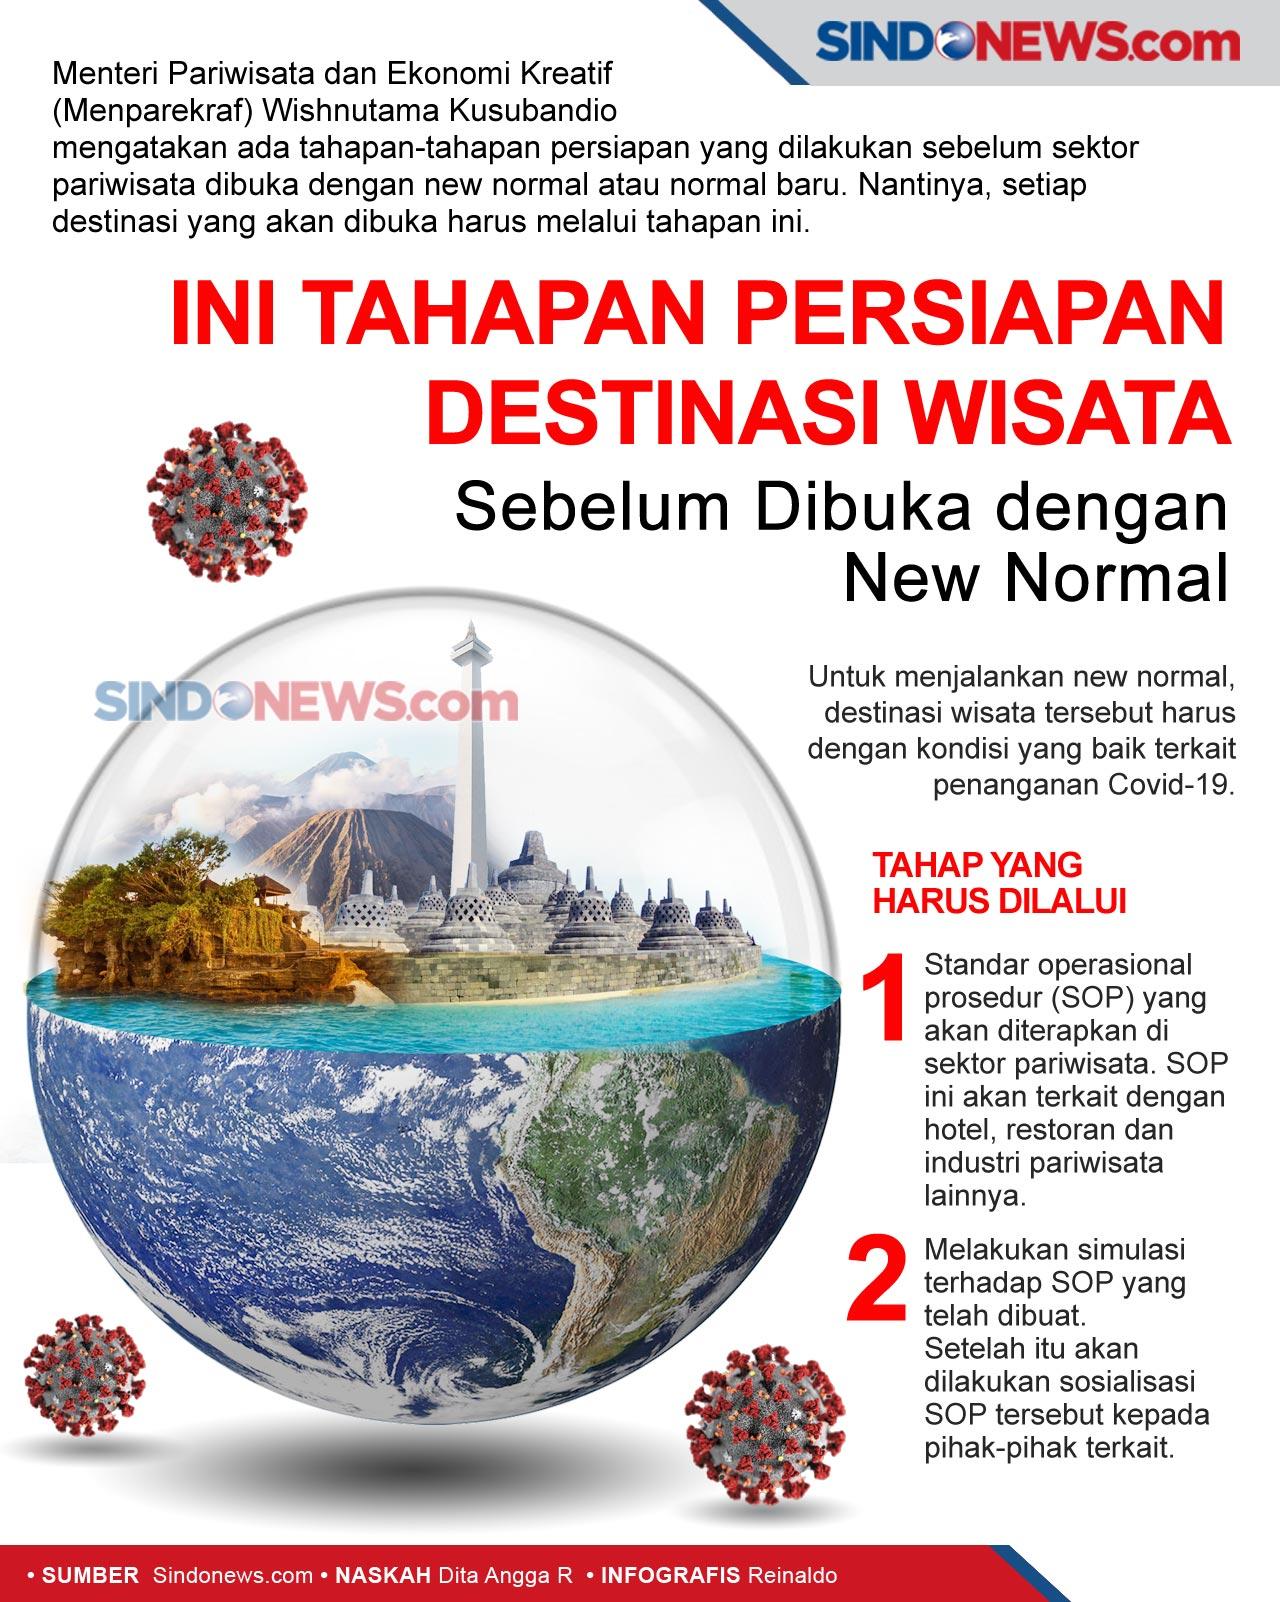 Tahapan Persiapan Destinasi Wisata Sebelum Dibuka dengan